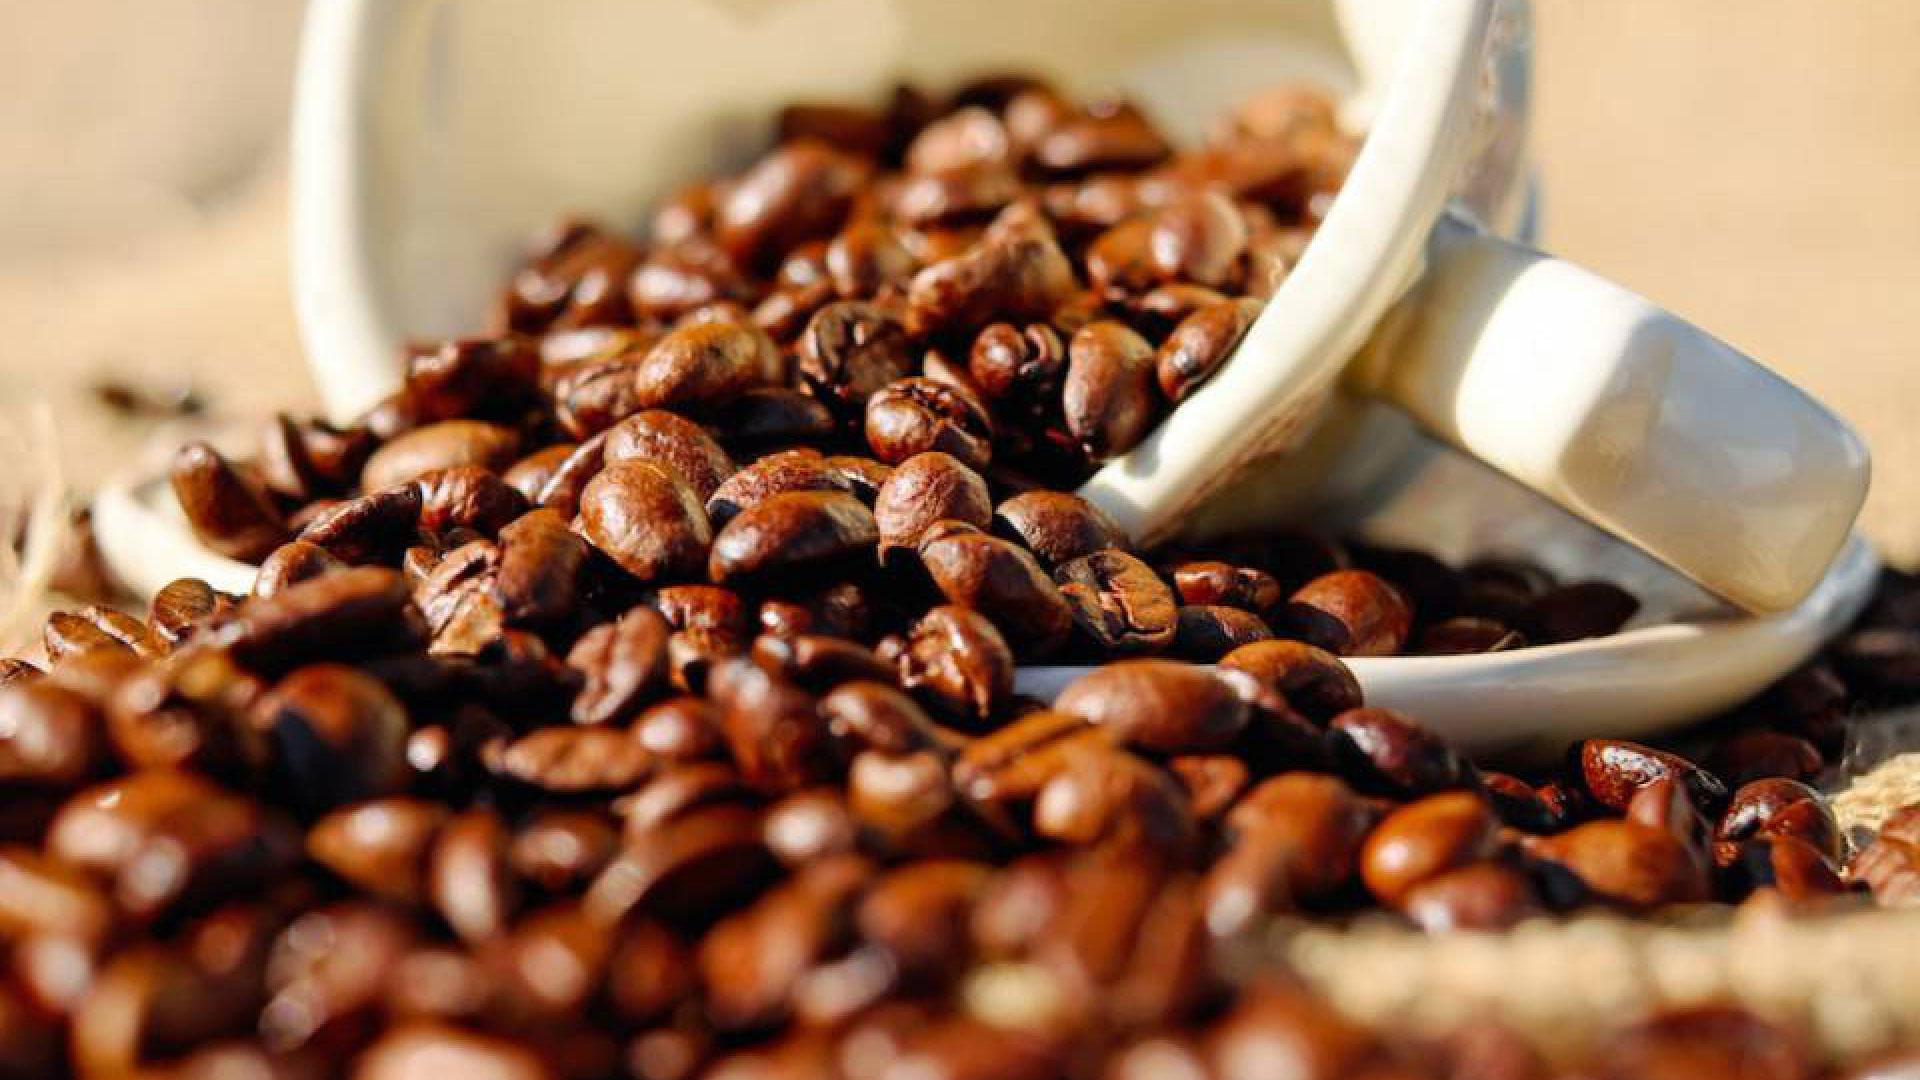 Exportação de café na safra 2018/2019 bate novo recorde, segundo ICO - Notícias Agrícolas